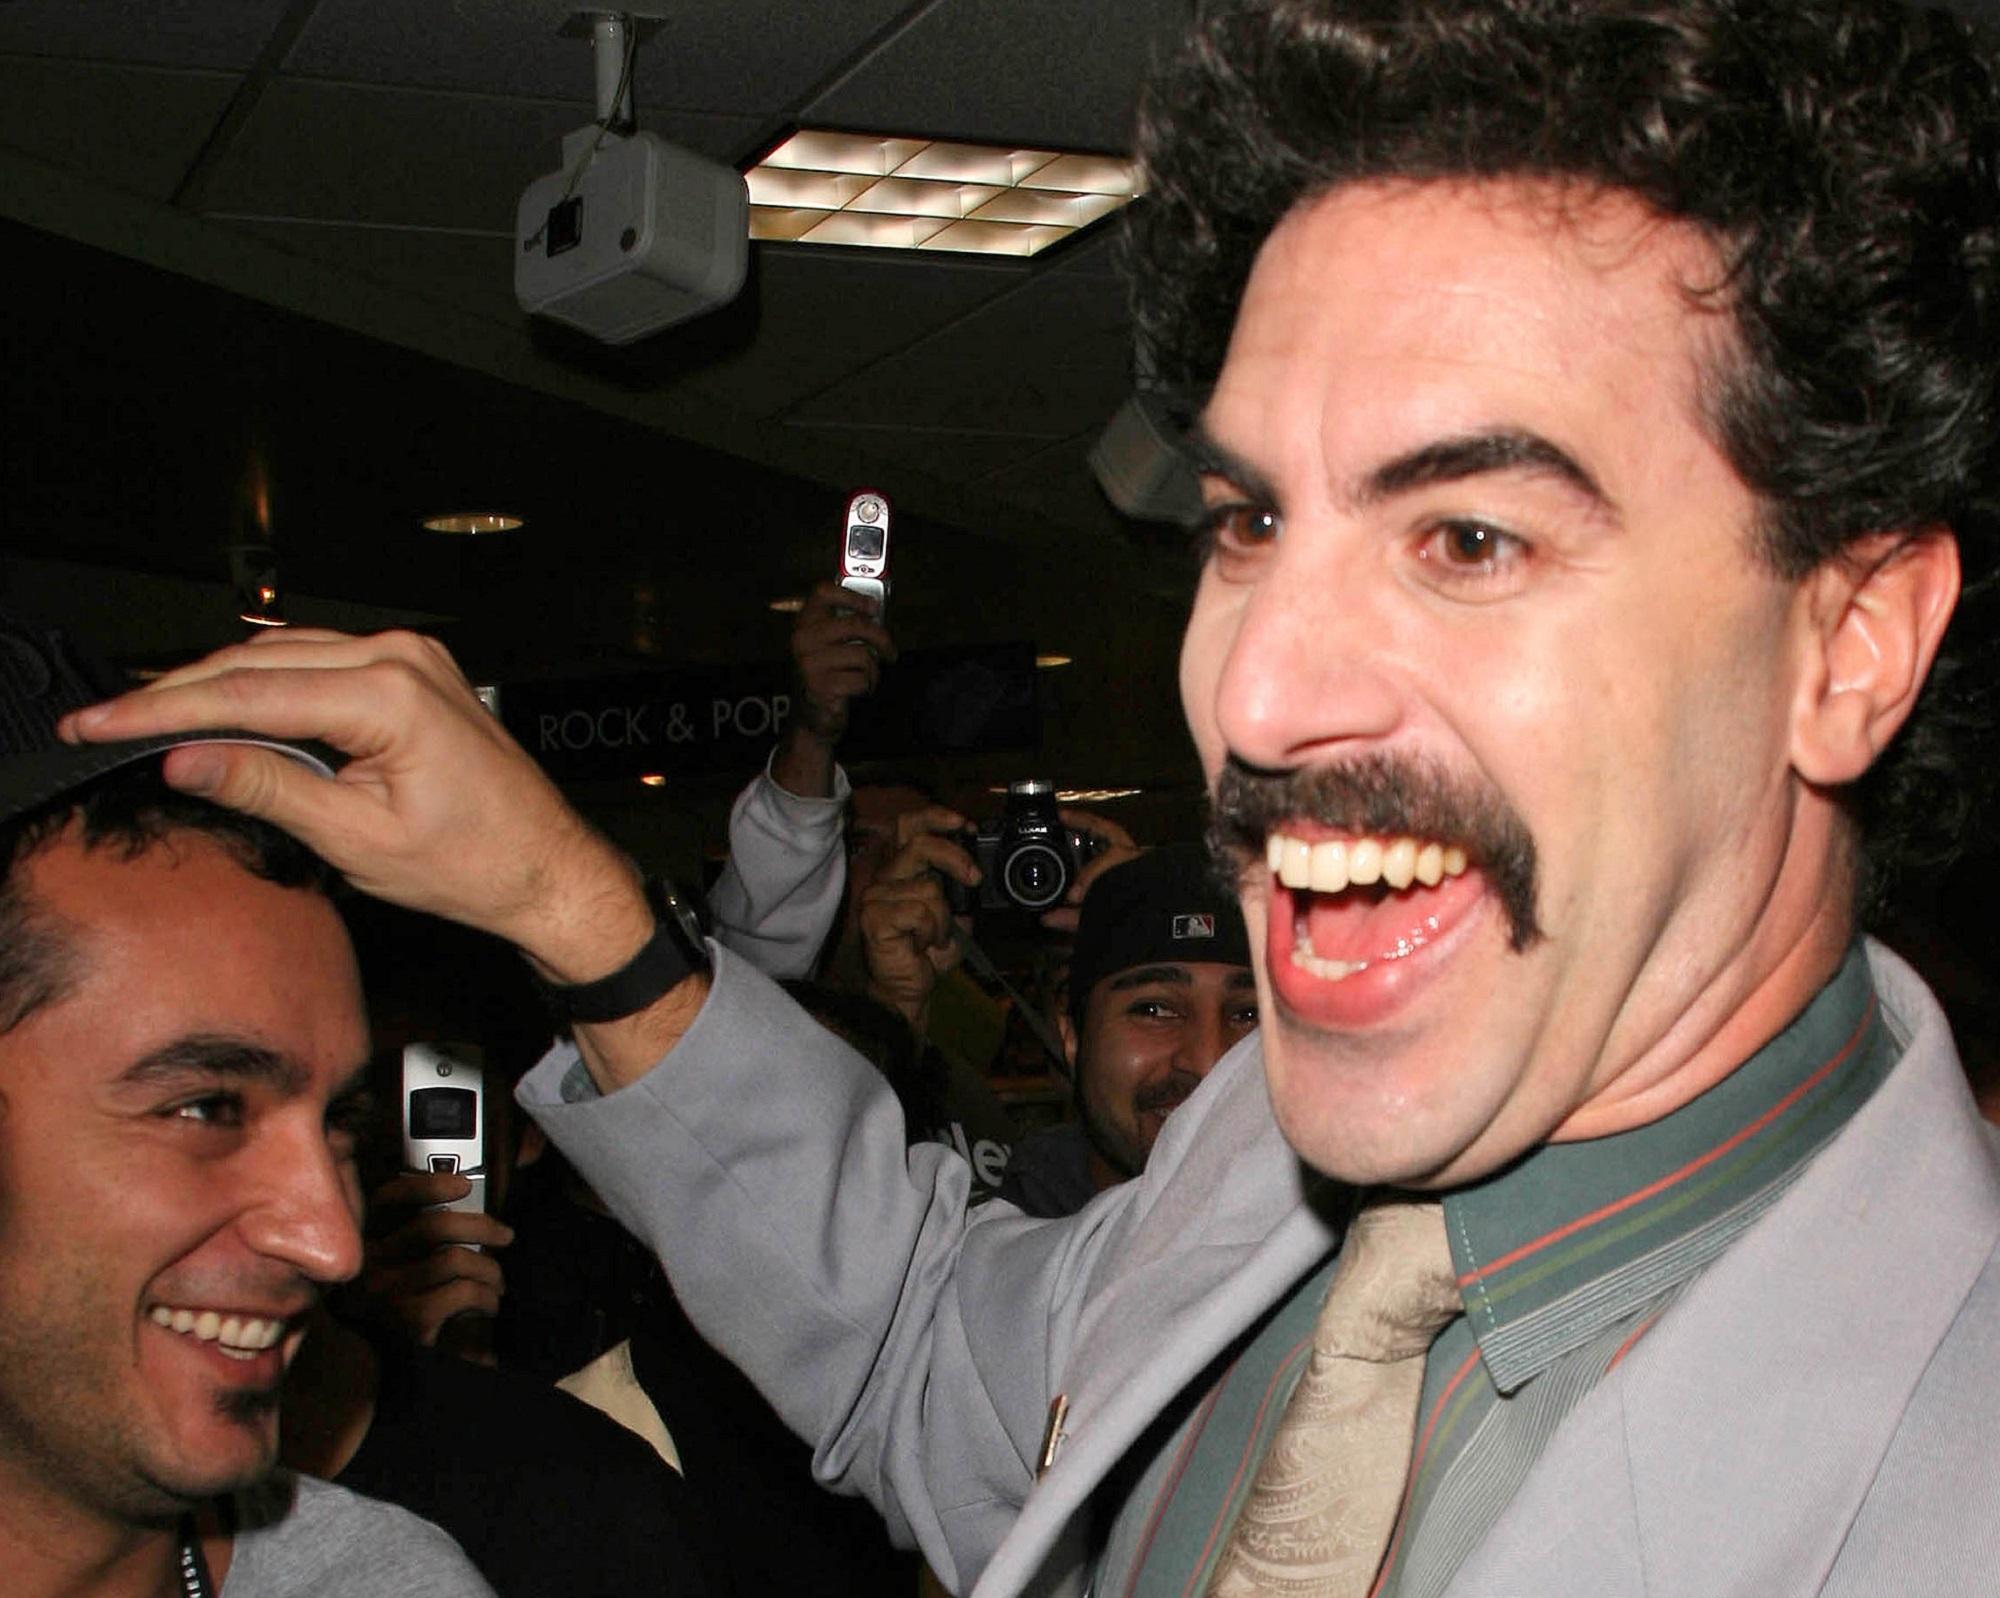 Режиссер «Бората 2» Джейсон Уолинер изначально не верил в успех картины